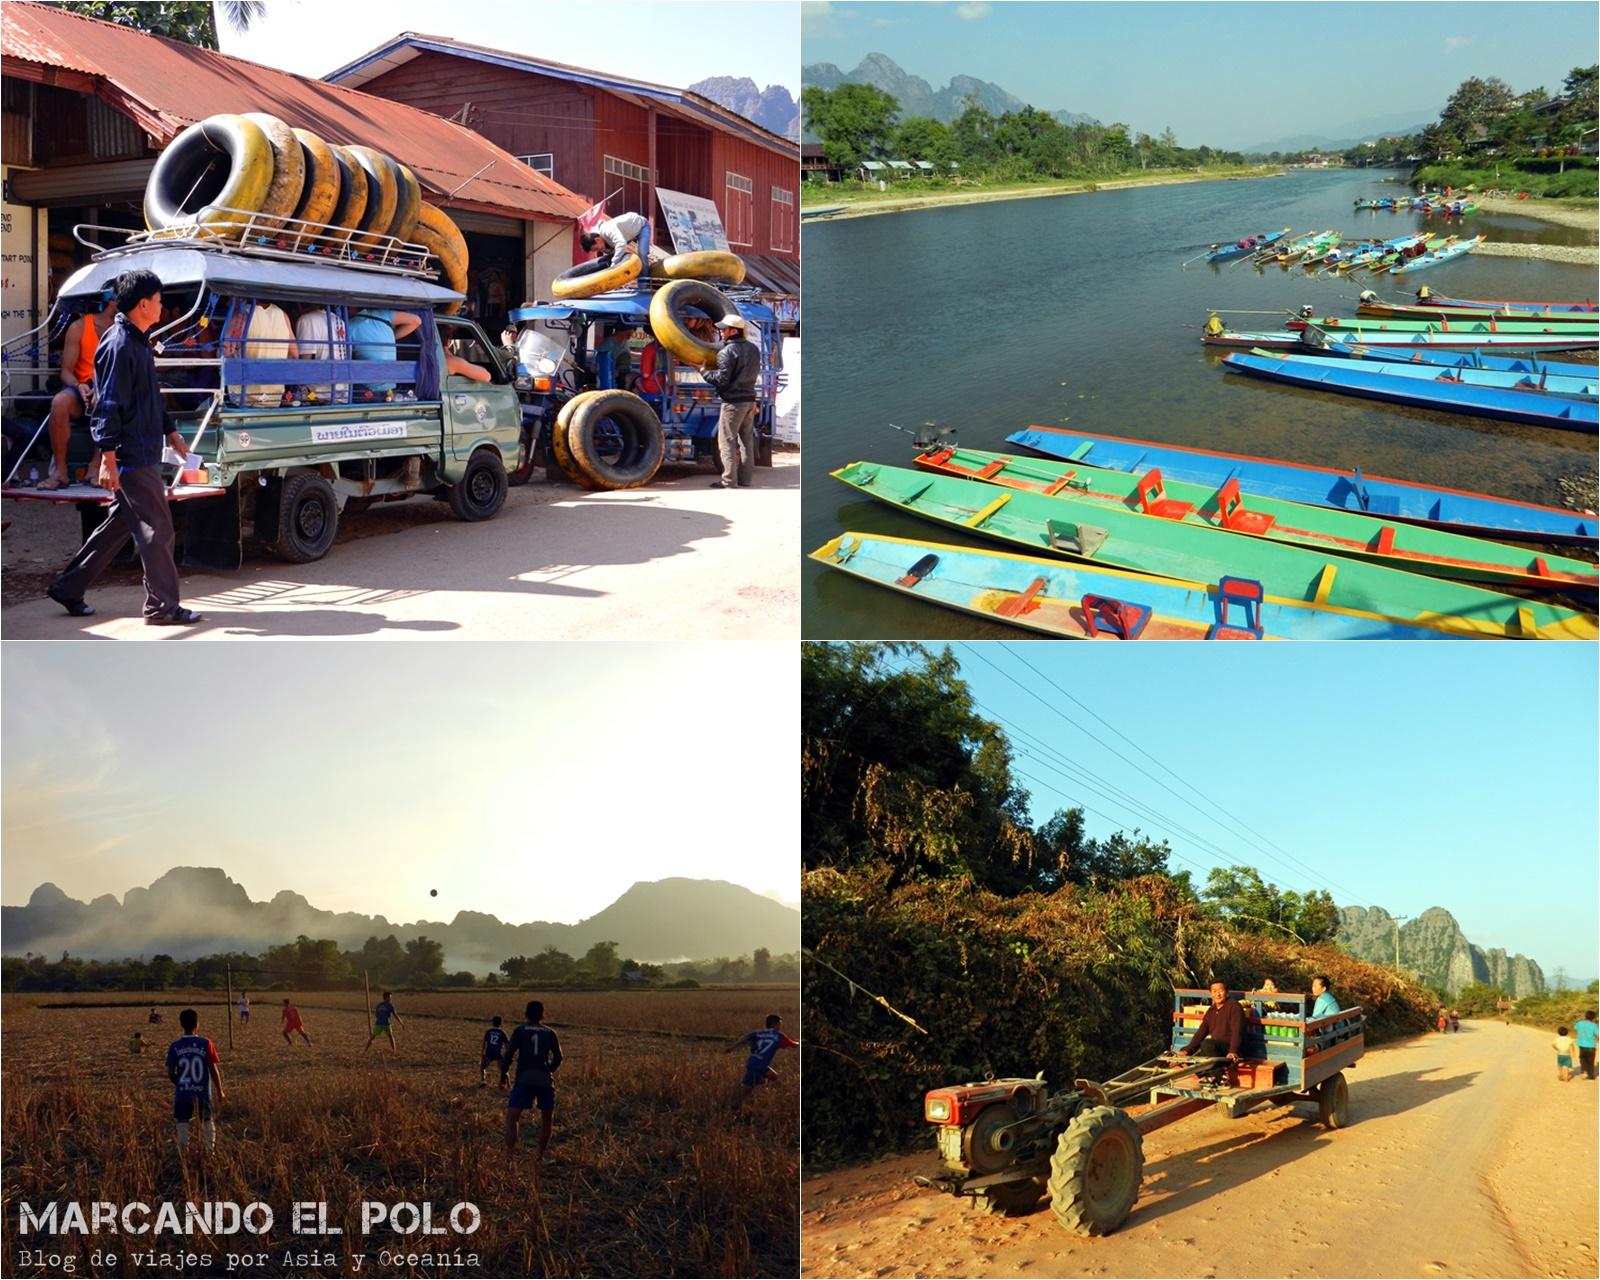 Viajar a Laos: Turismo mochilero en Vang Vieng